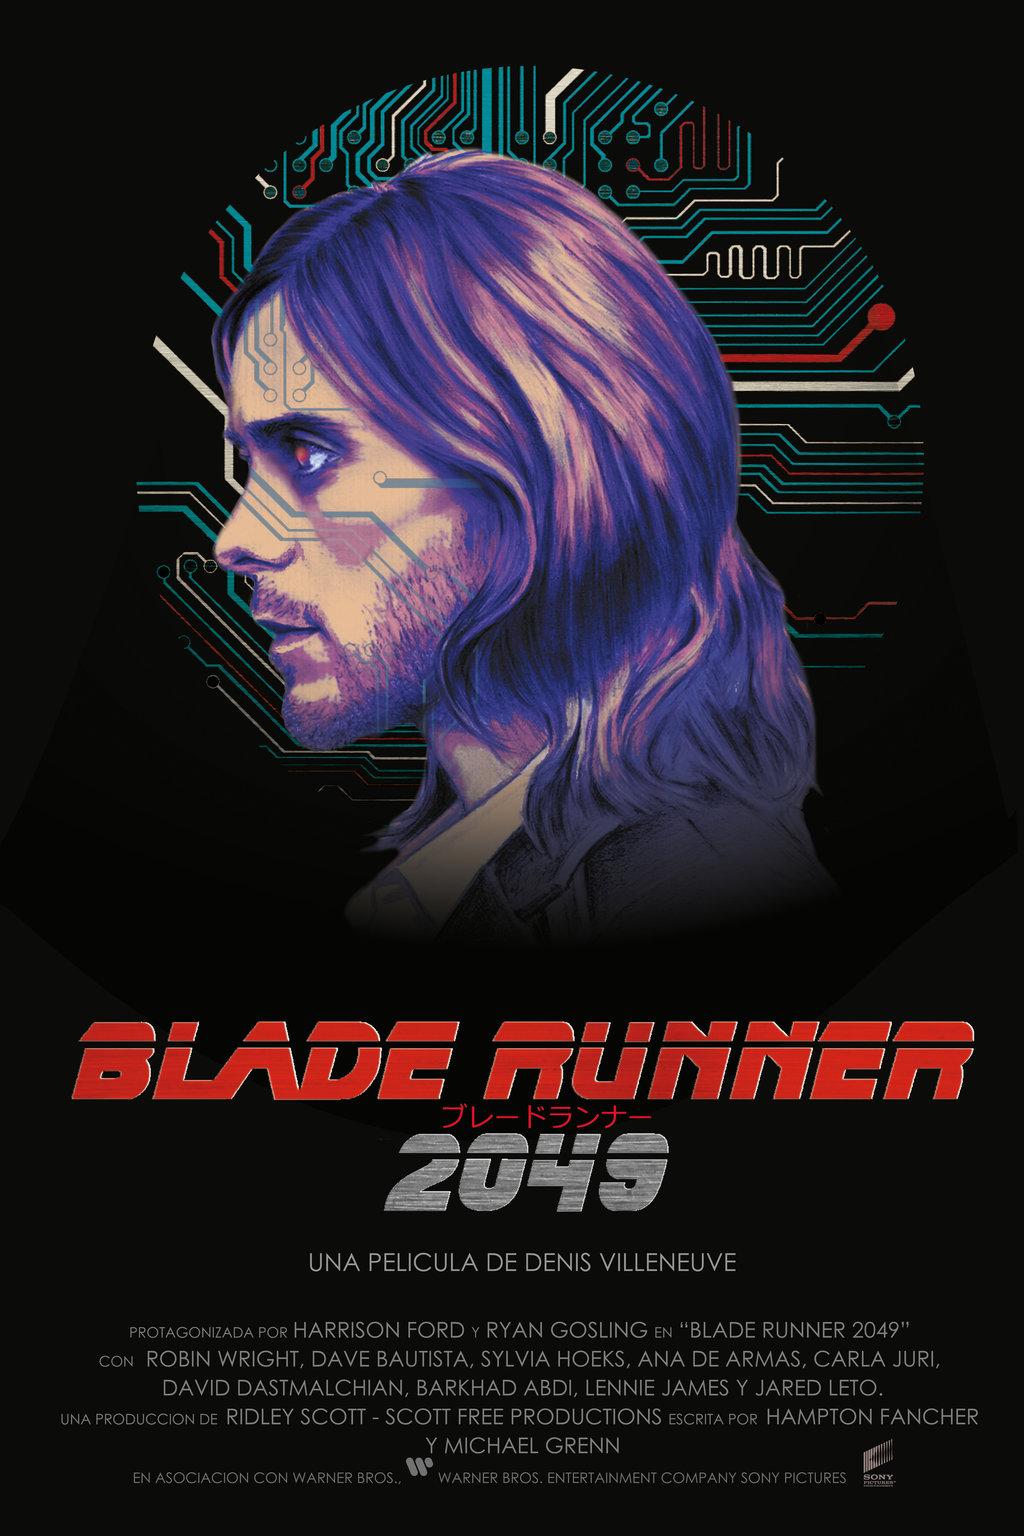 Blade Runner Wallpaper Usadress 1024x1536